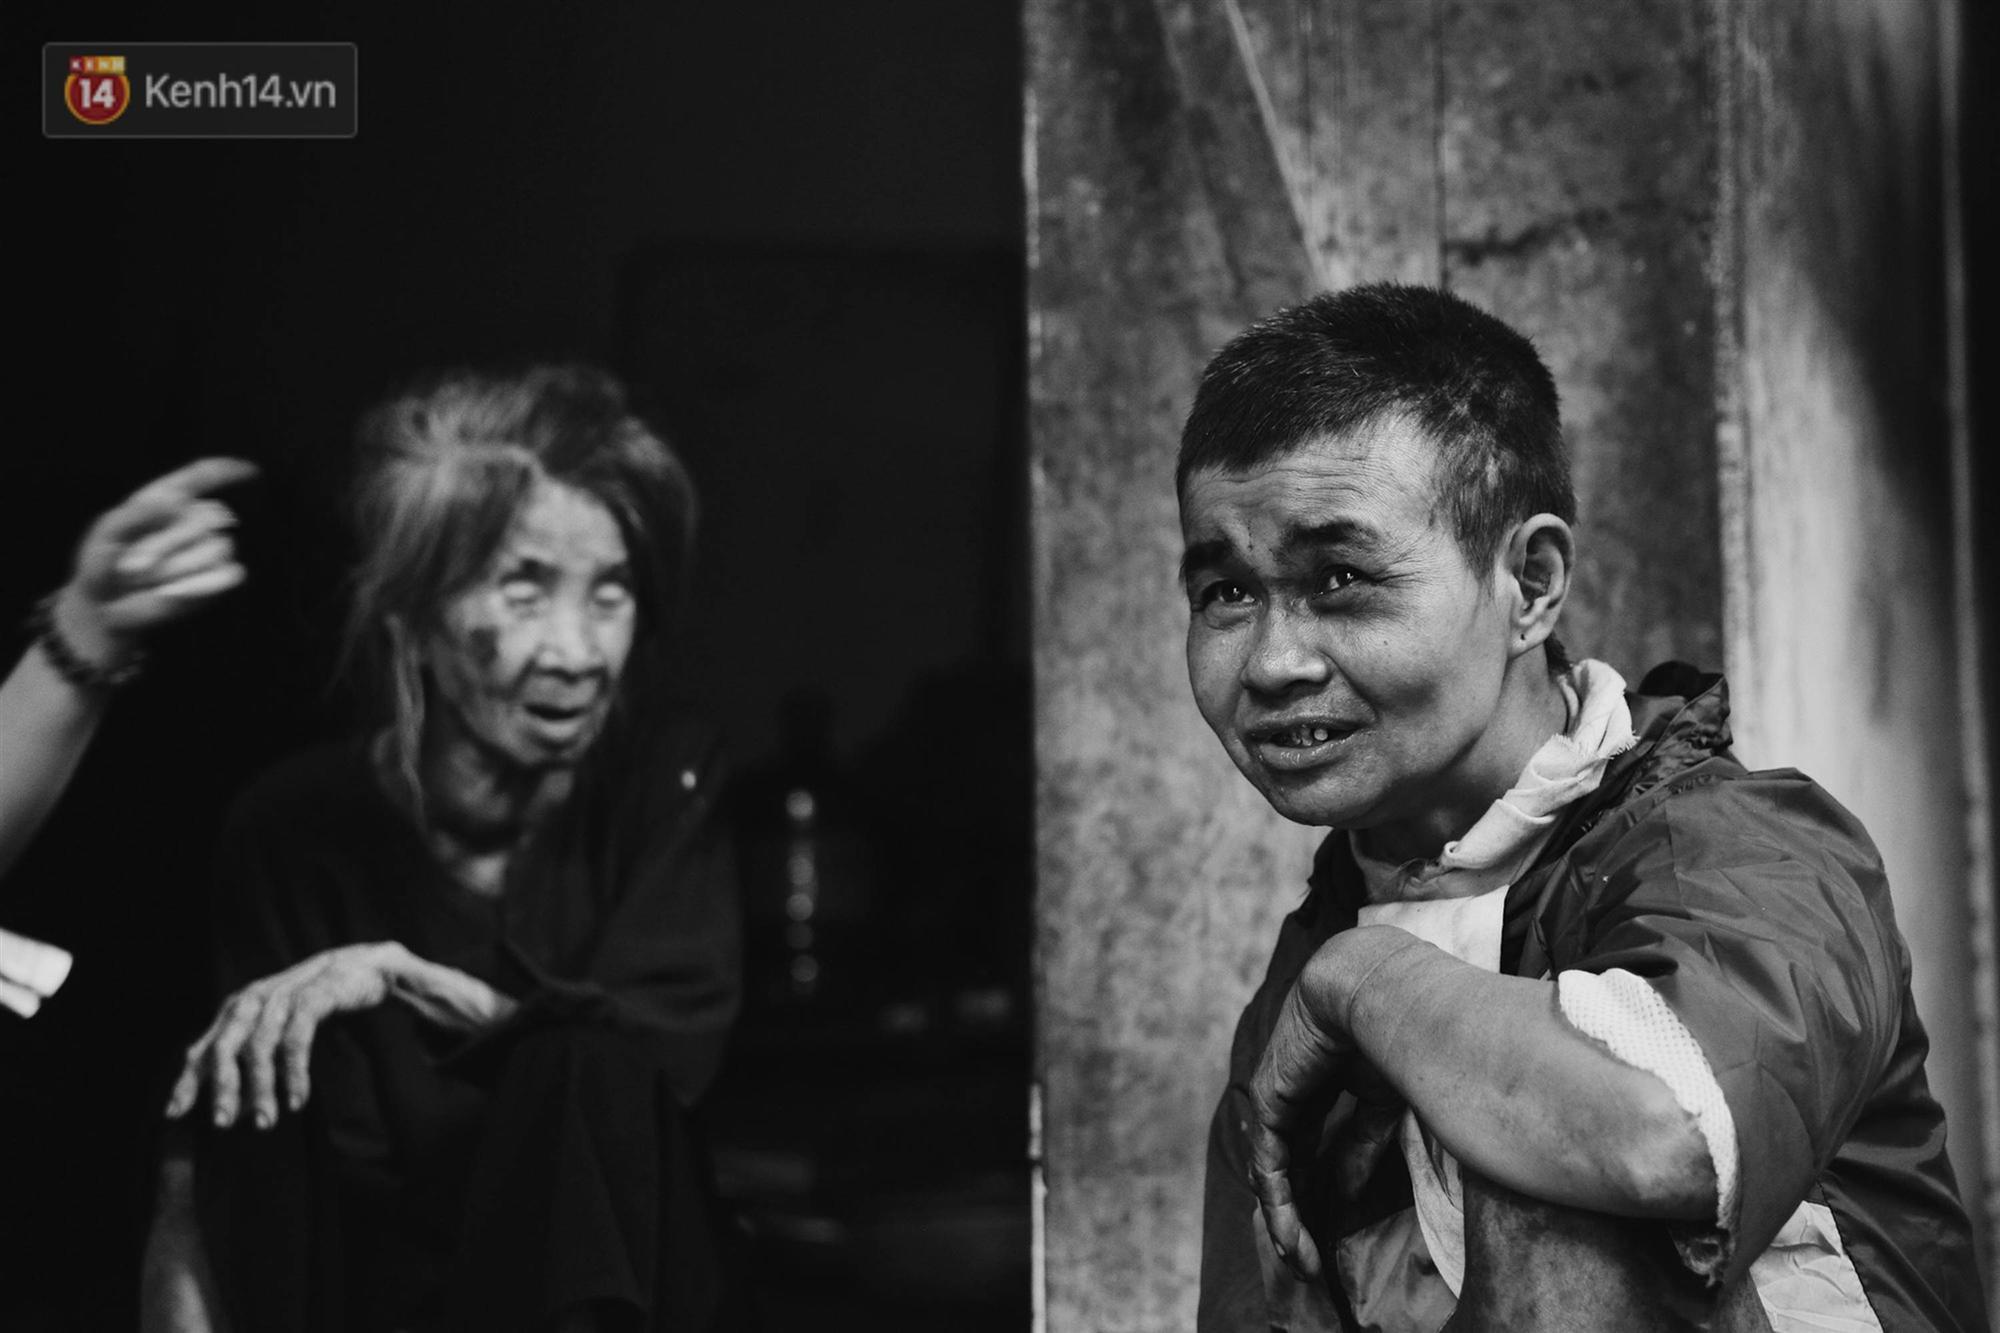 Ở Hà Nội, có một người mẹ mù gần 90 tuổi vẫn ngày đêm chăm đứa con gái điên: Còn sống được lúc nào, thì tôi còn nuôi nó-10